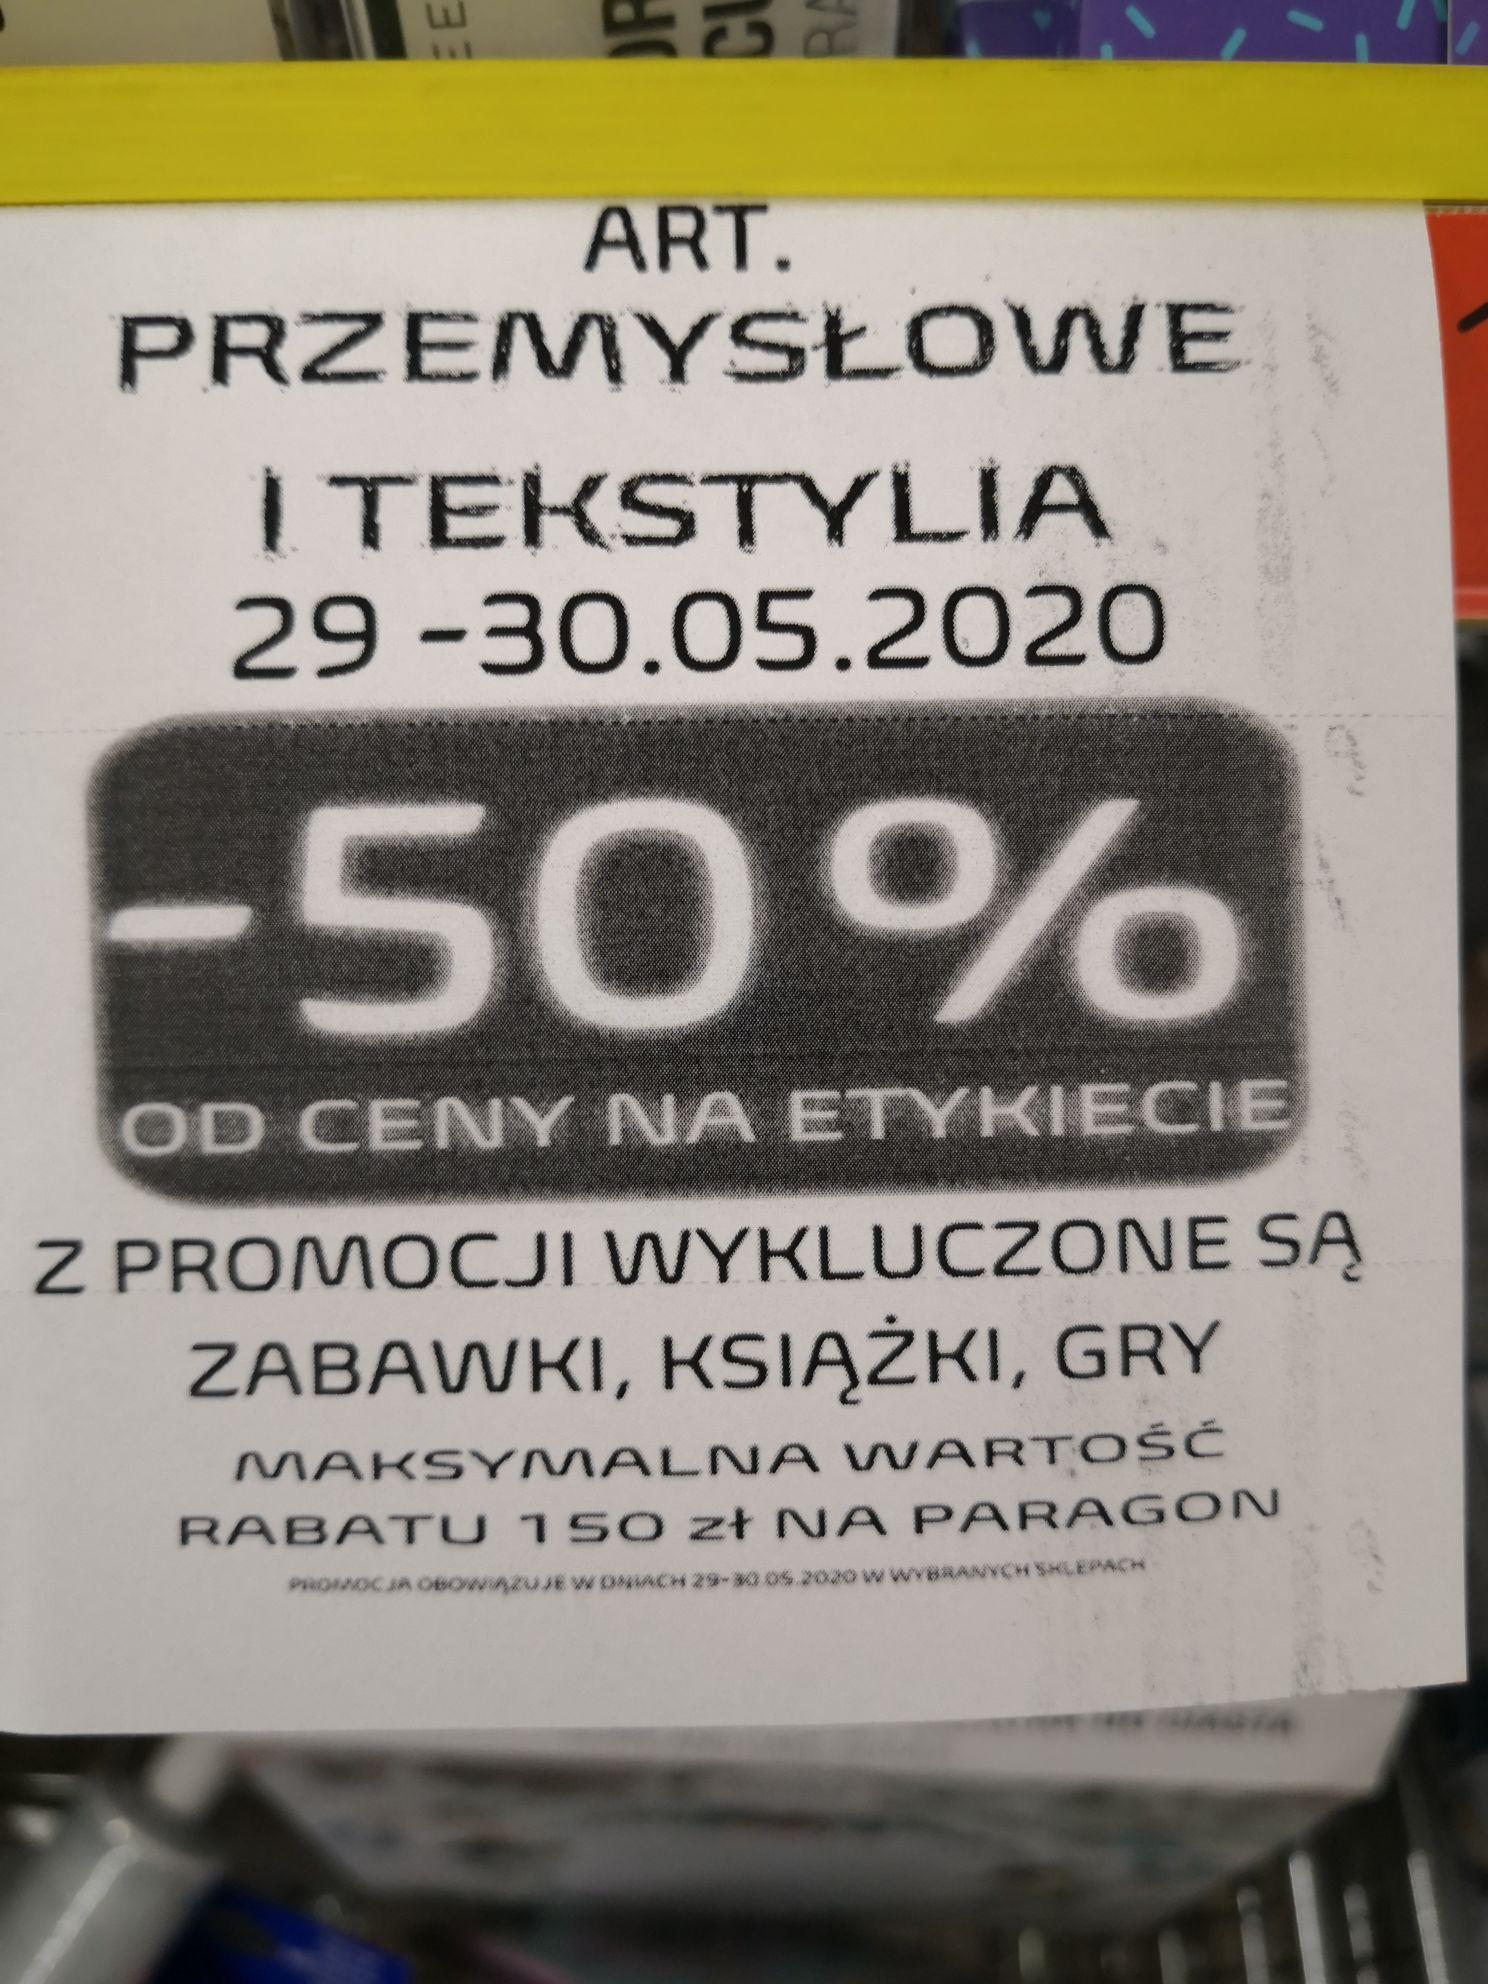 Biedronka - 50% na tekstylia i przemysłowe artykuły (29-30.05)